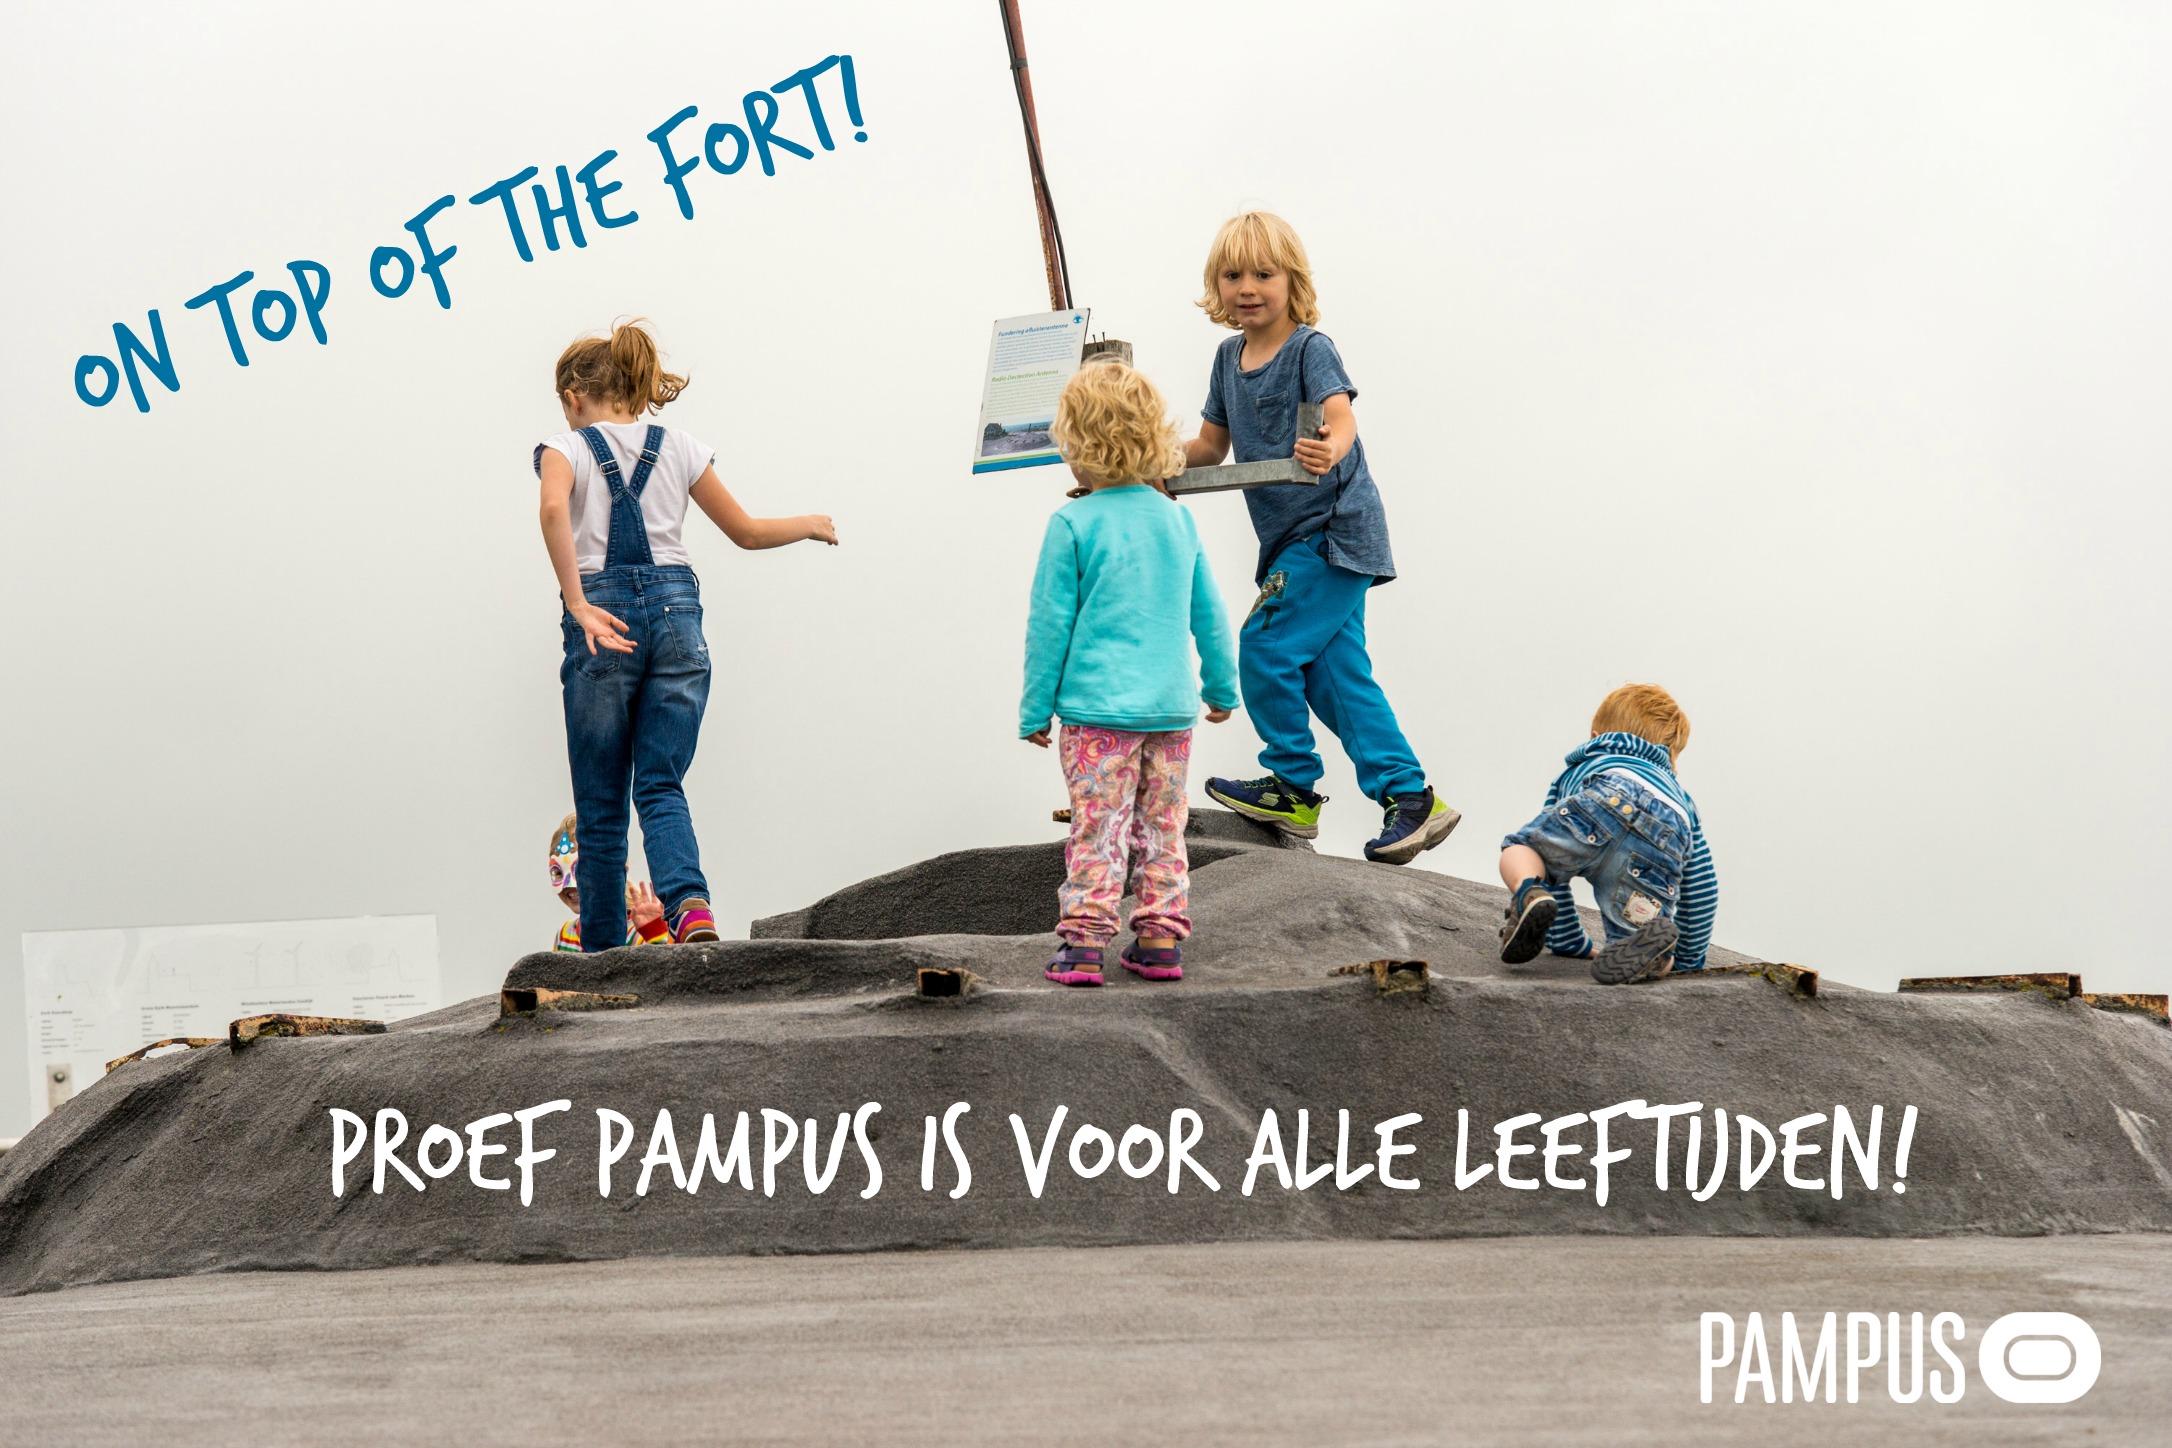 Proef Pampus is leuk voor alle leeftijden. Leuk voor kids, leuk voor oudjes, leuk voor iedereen.